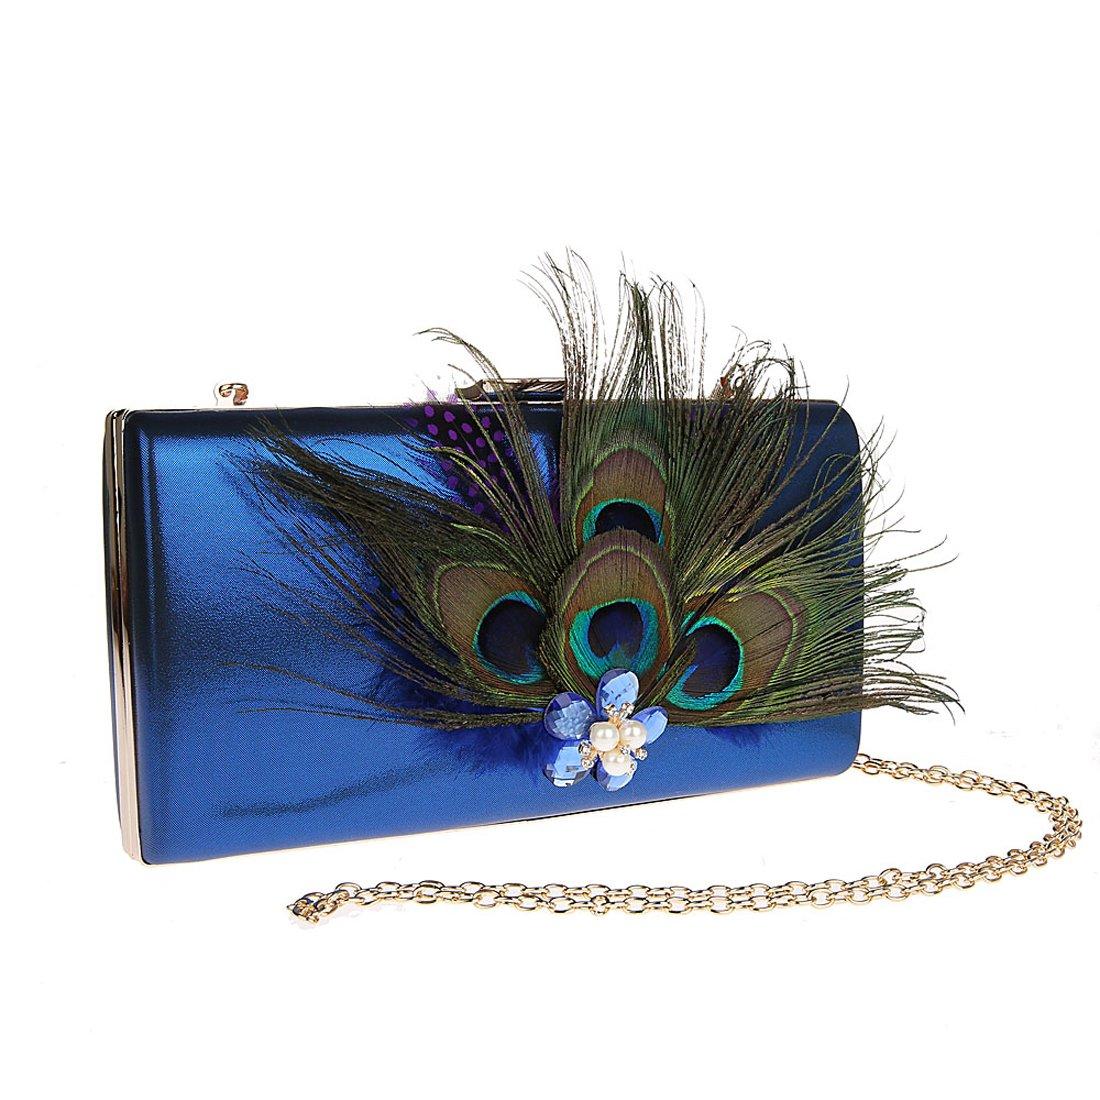 KAXIDY Bolsos de Fiesta Bolsos Ceremonia Clutches Para Carteras de Mano Bolsos Vestir Fiesta (Azul): Amazon.es: Zapatos y complementos